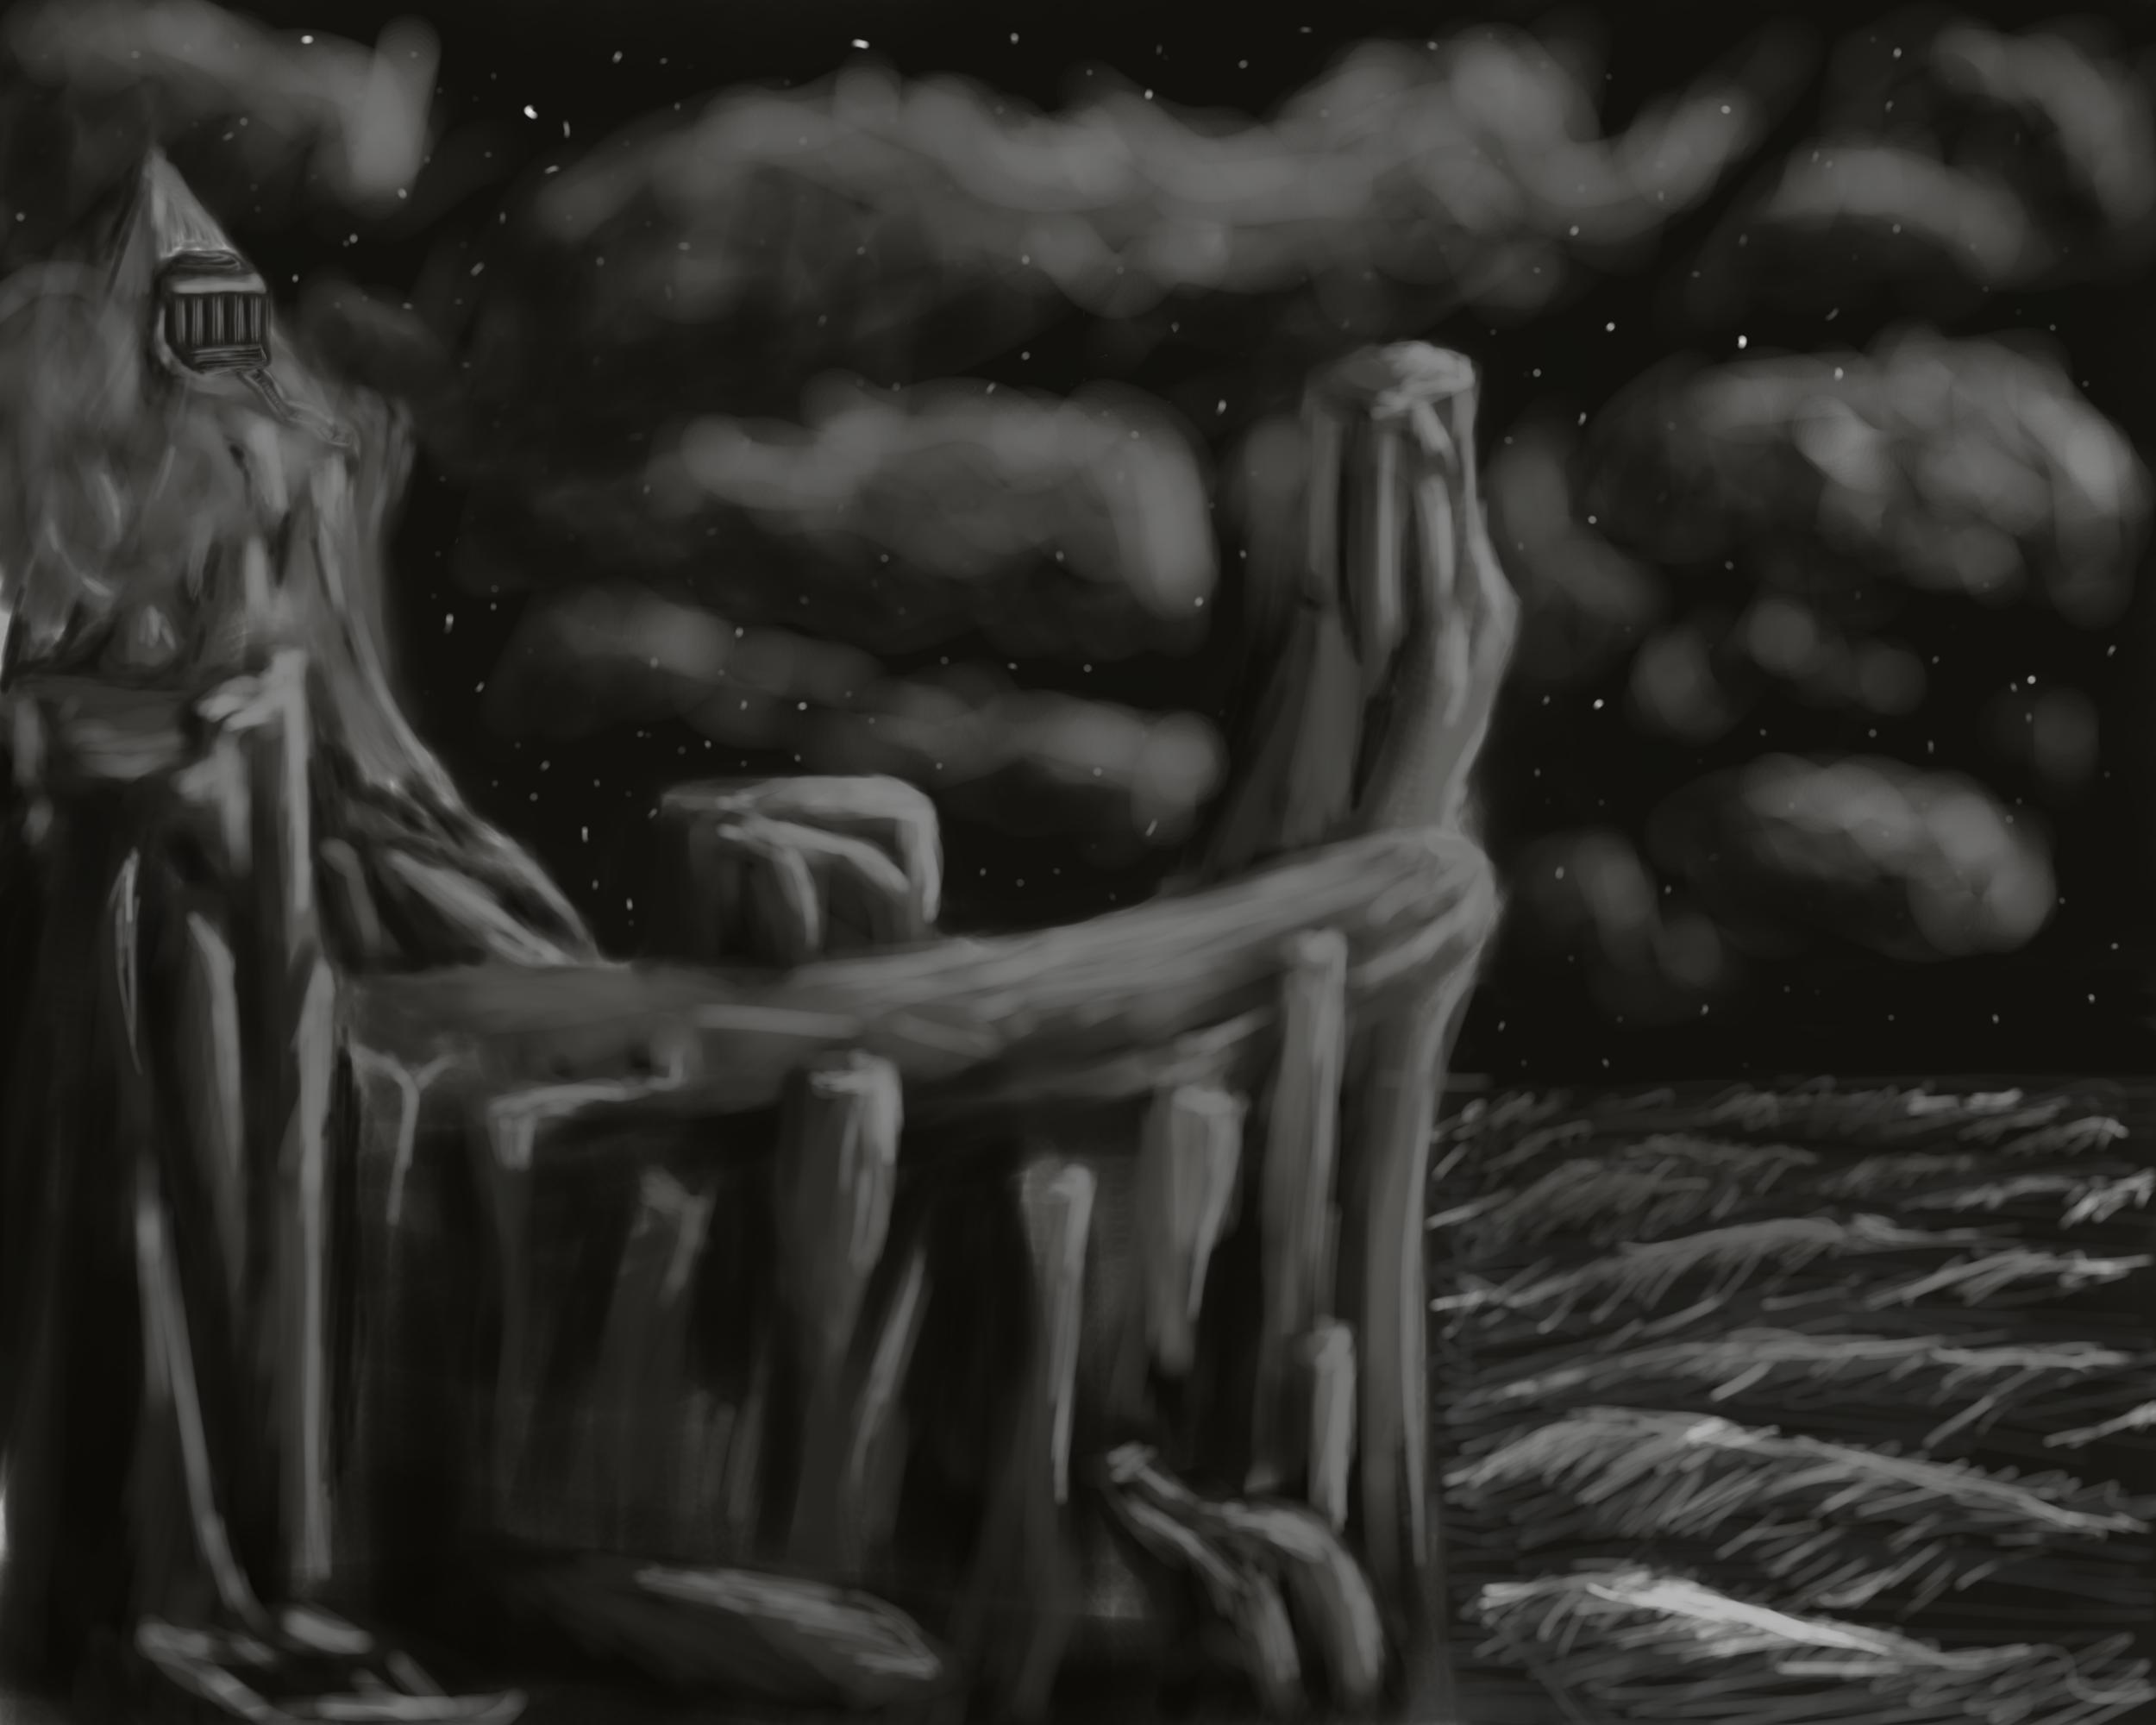 Попытался нарисовать пейзаж. Получилось не то что я себе представлял :D - Изображение 1